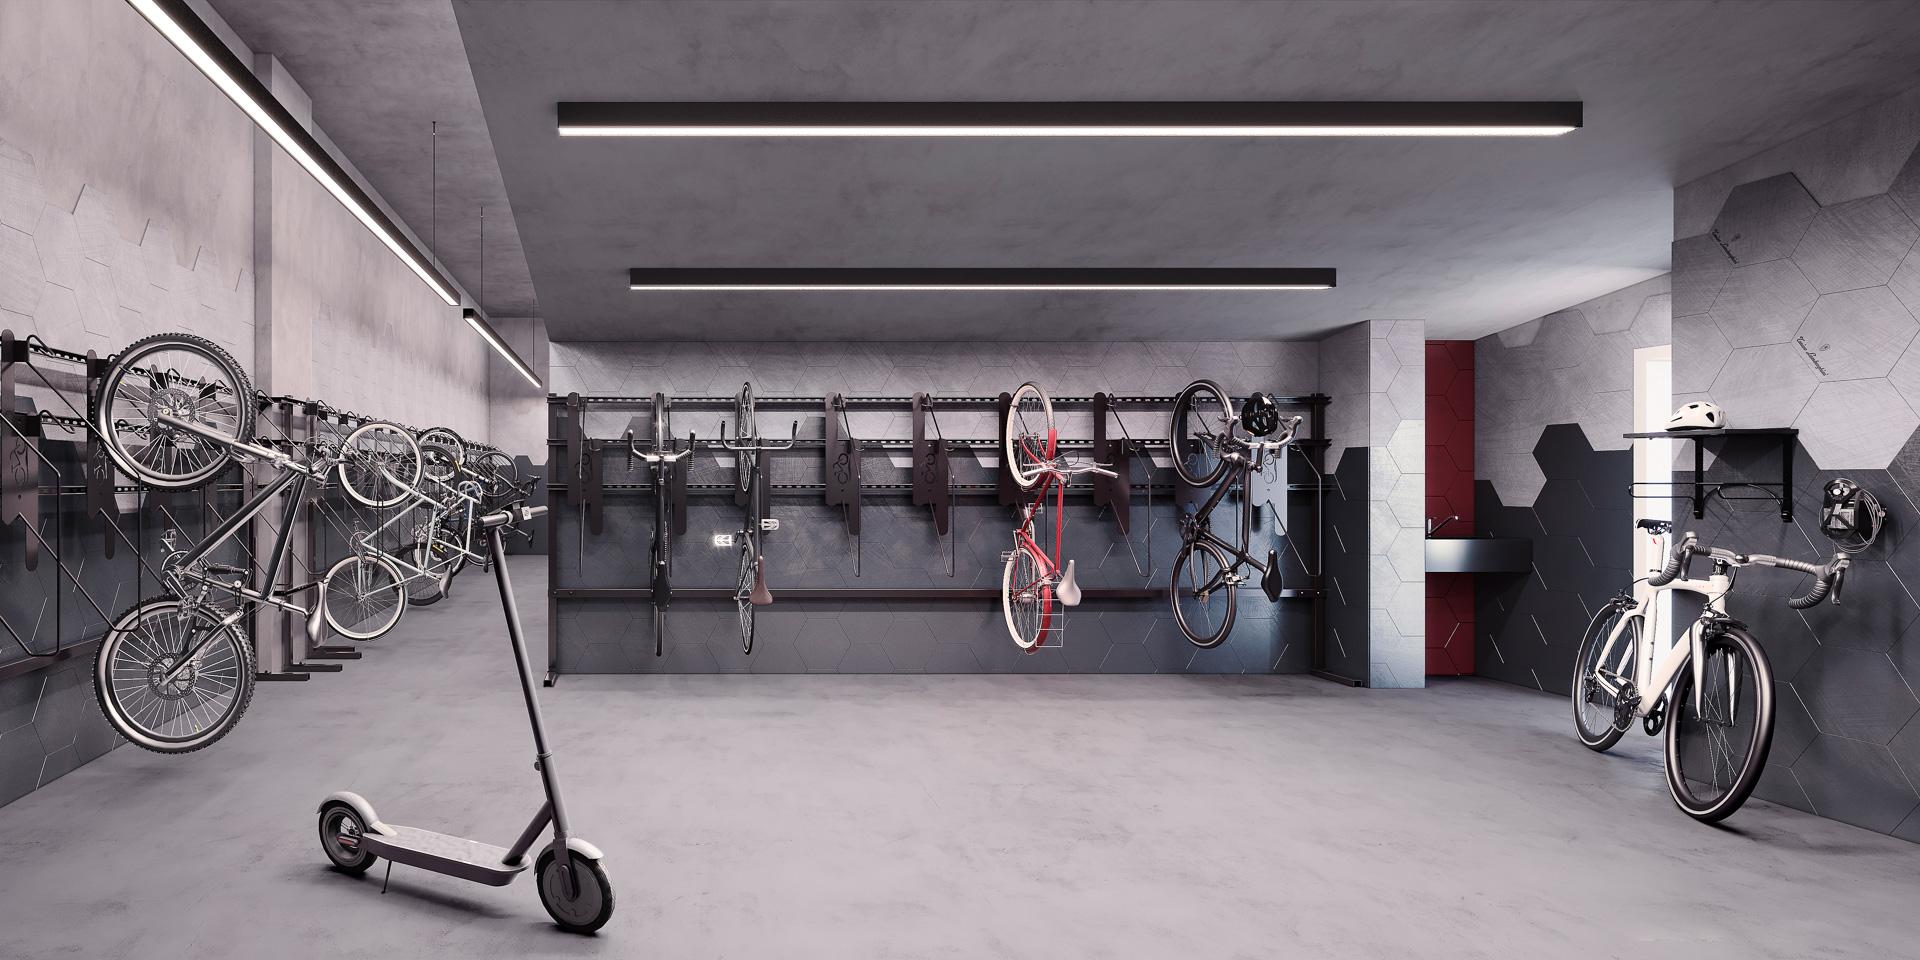 Bicicletário para guarda e manutenção de bicicletas com acesso por biometria ou senha